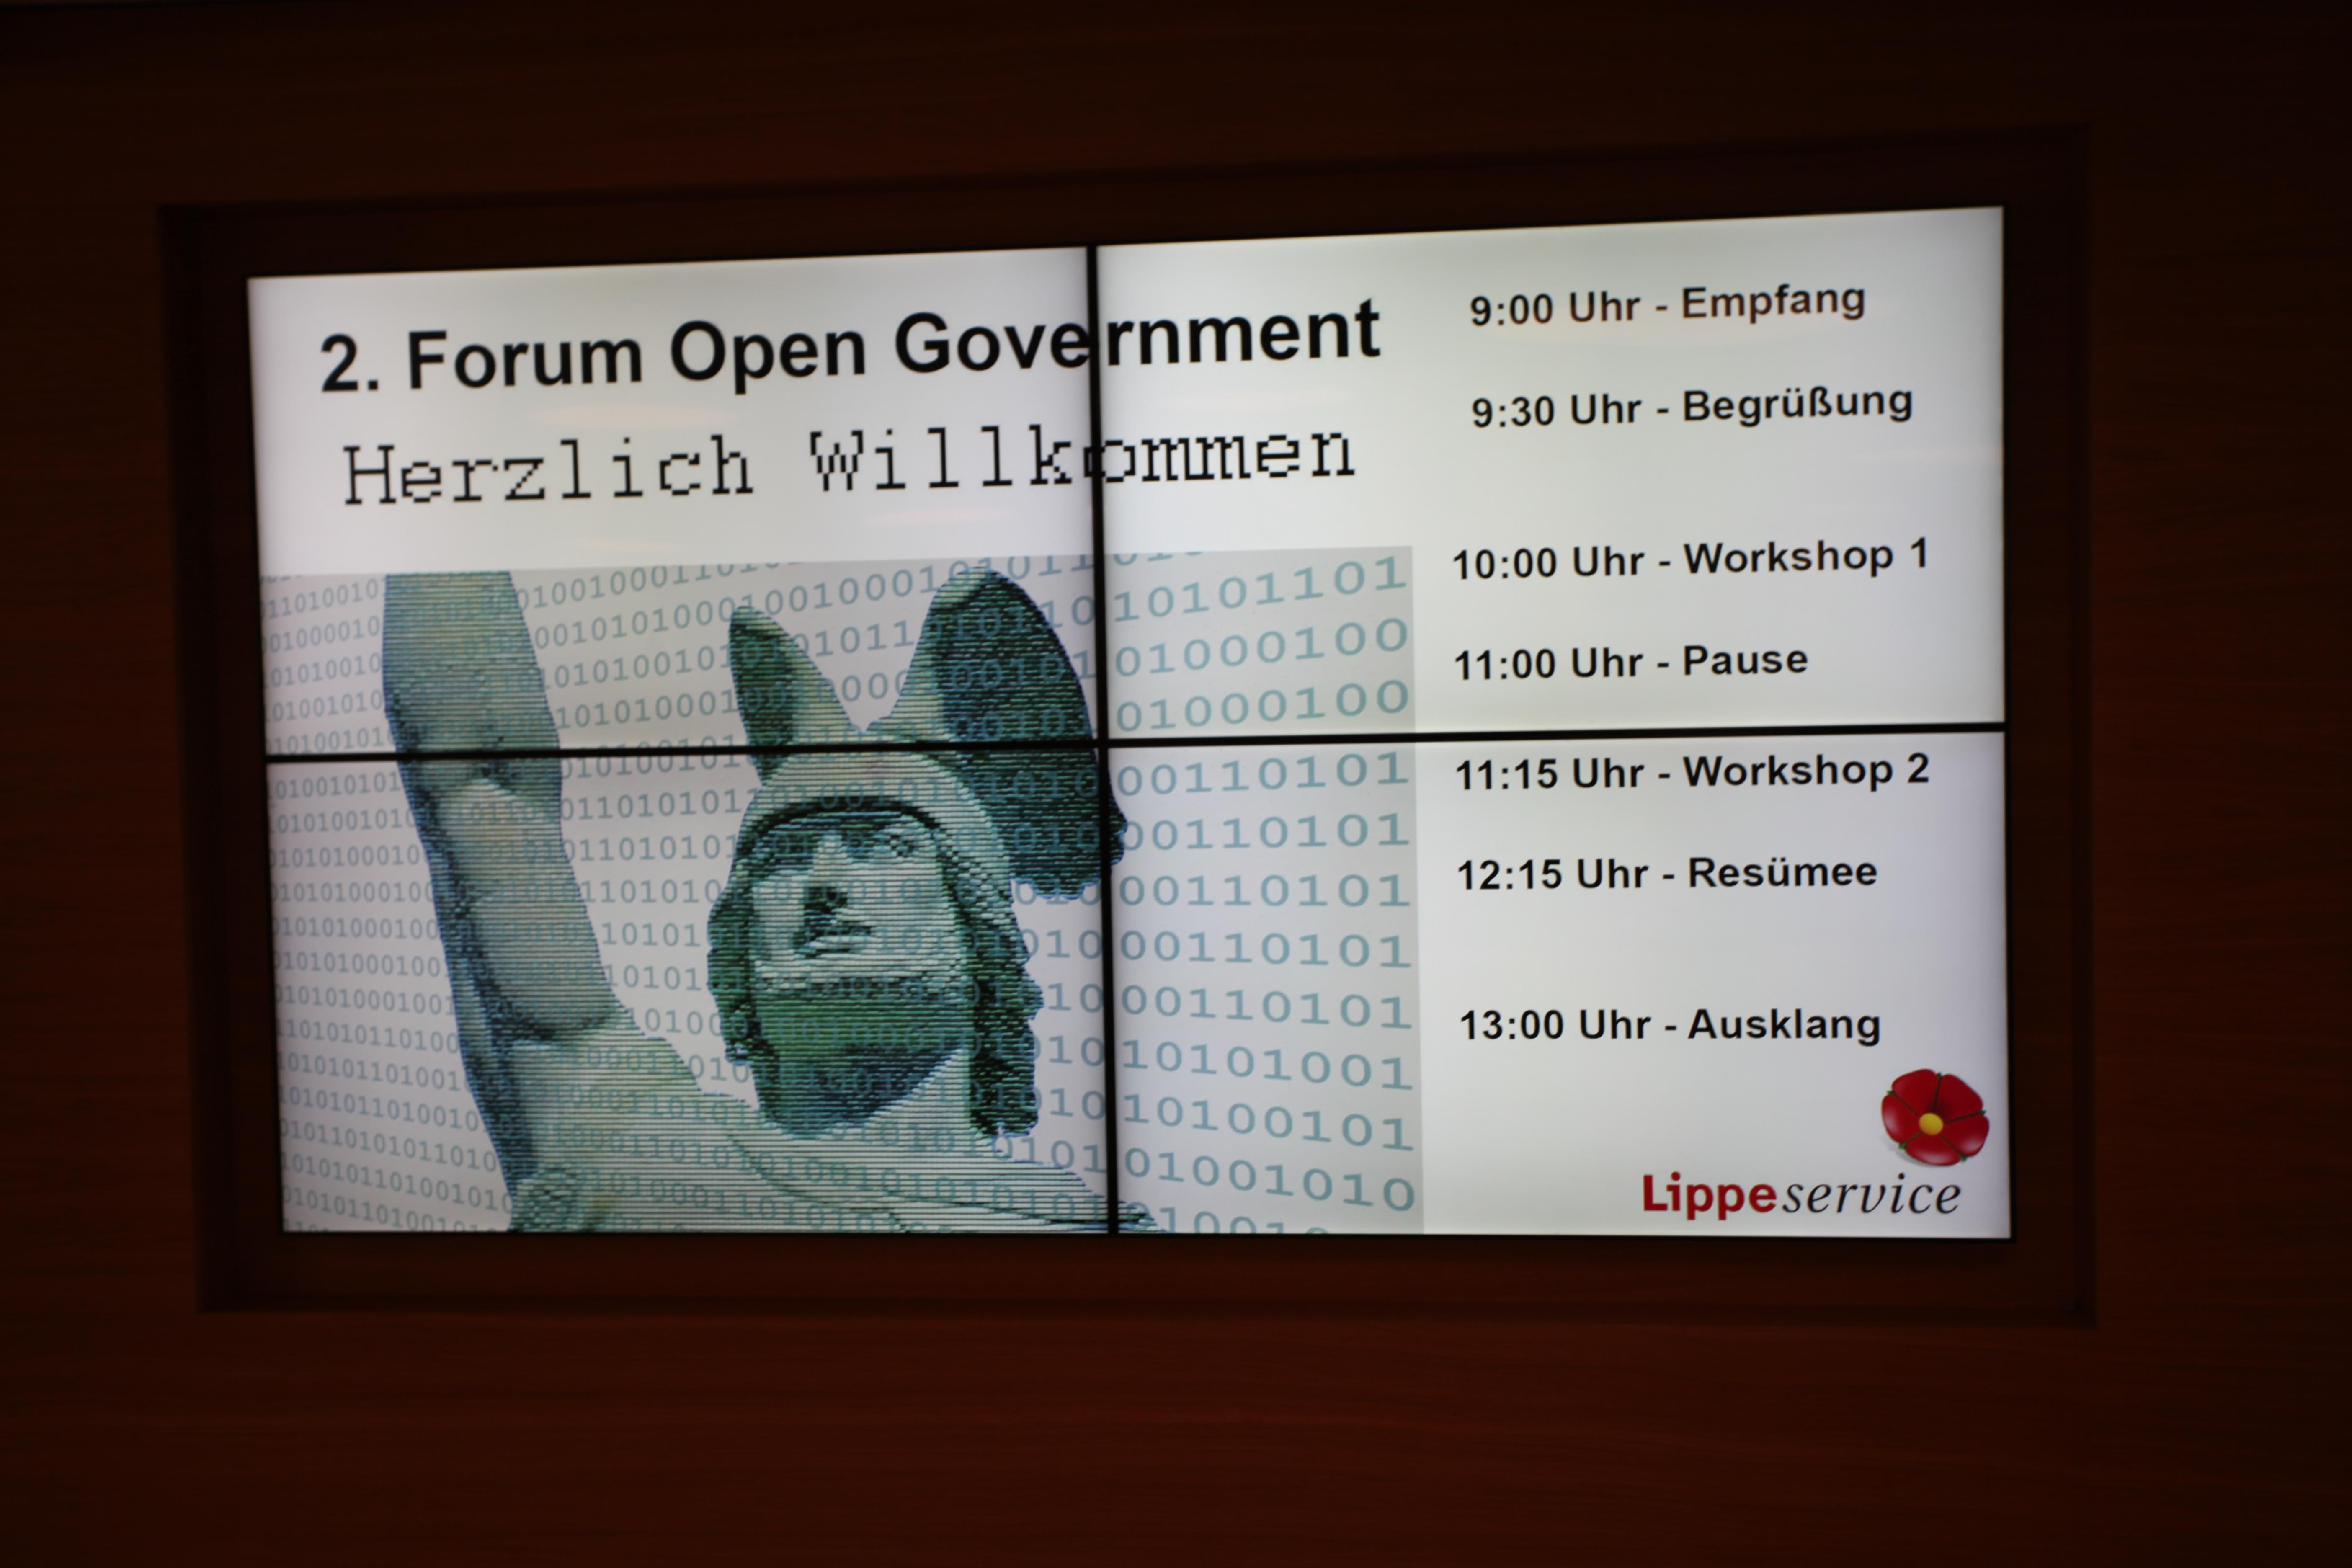 Wie funktioniert Open Government in der Praxis? Diese Frage wurde im Rahmen des 2. Forums in Detmold diskutiert (Foto: Press Medien)